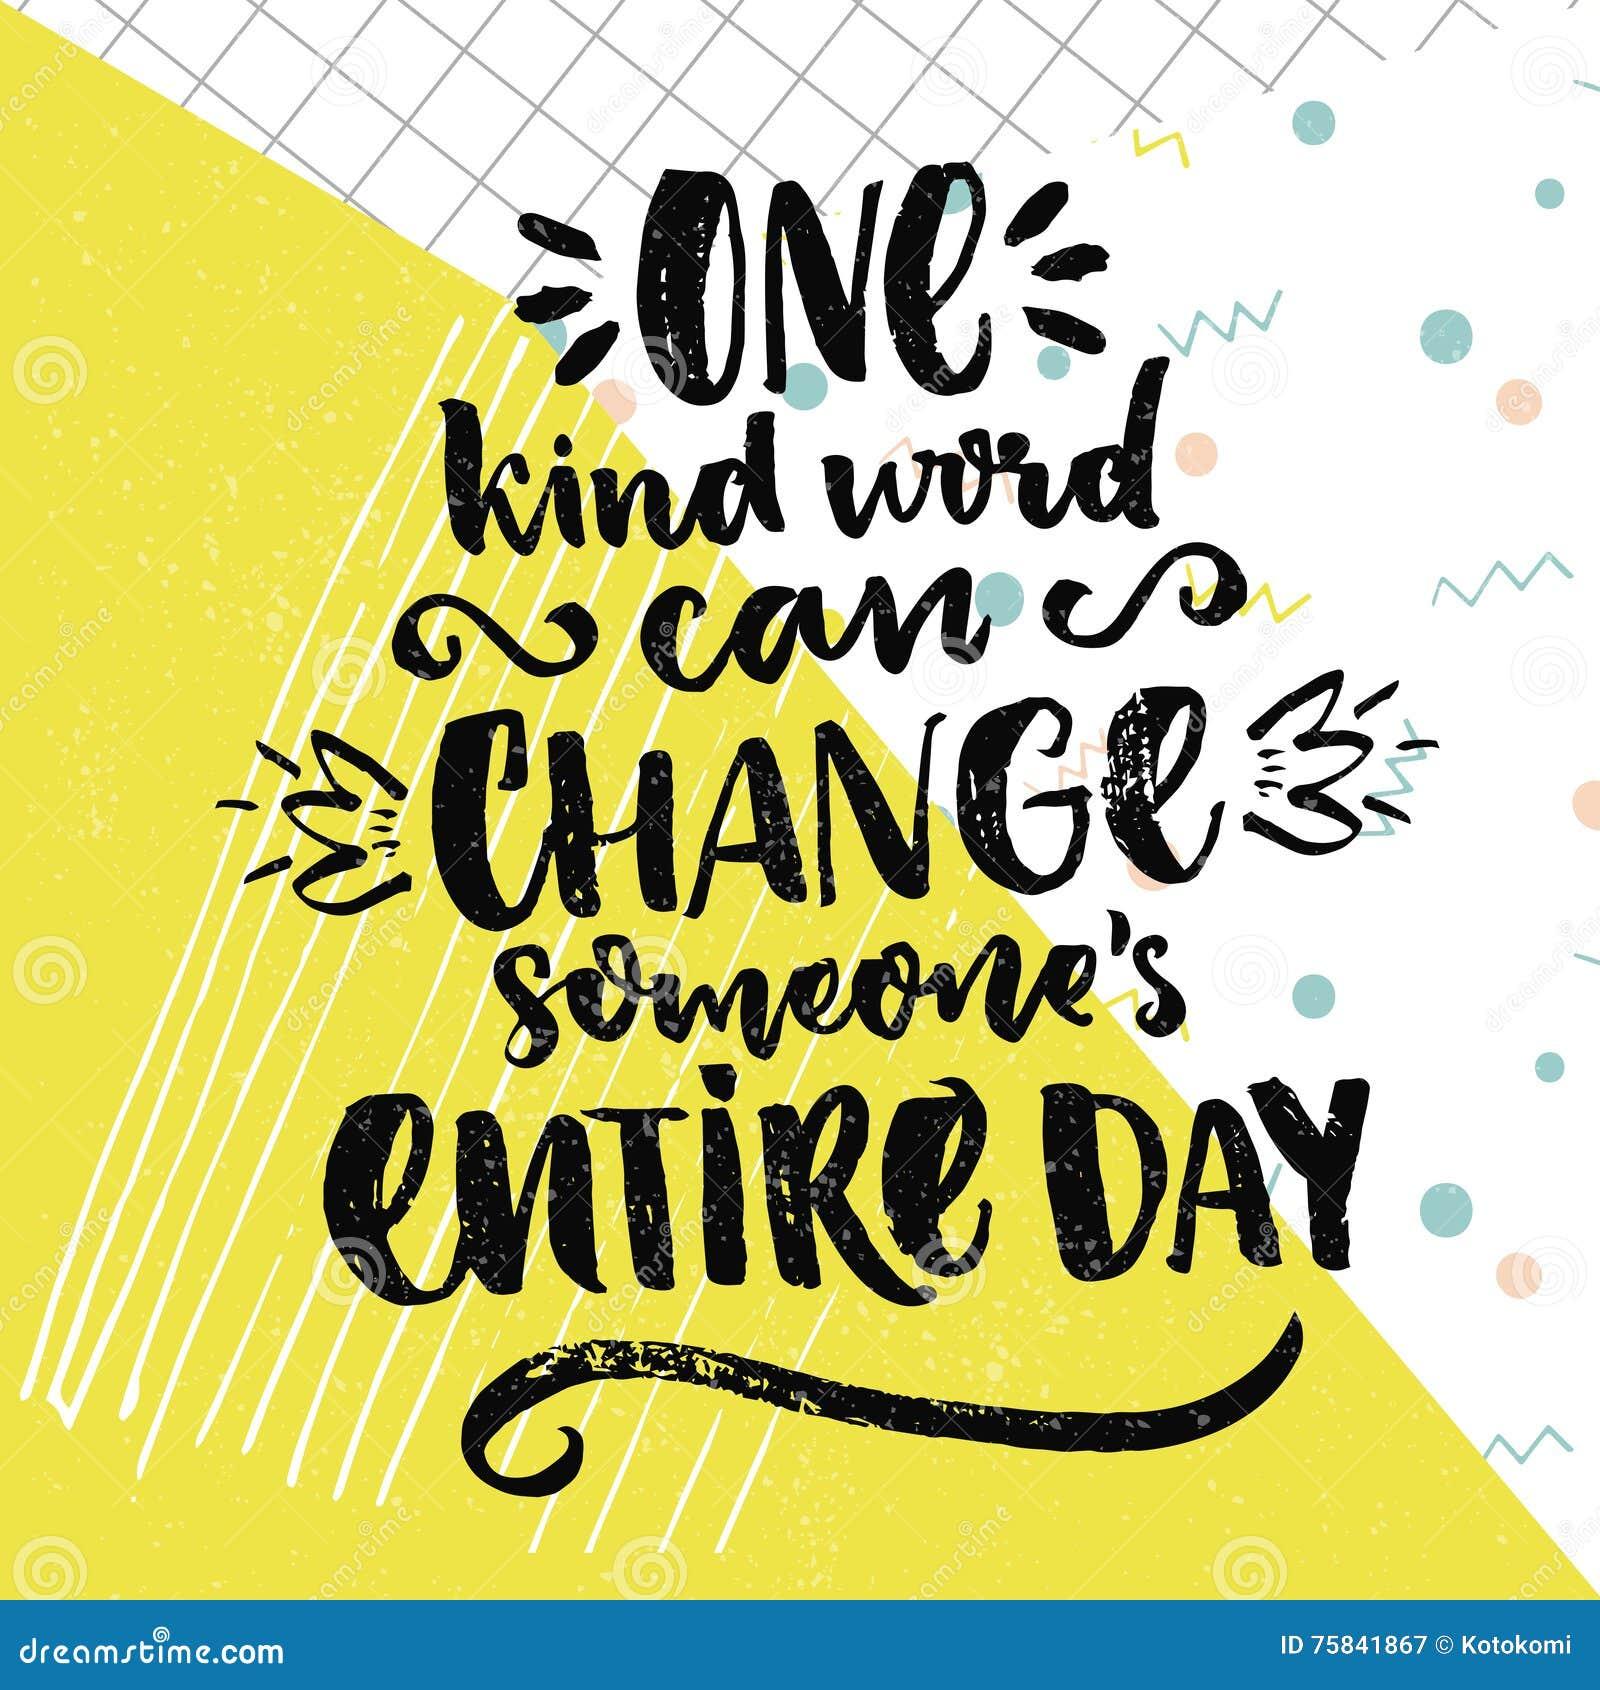 Un mot aimable peut changer quelqu un jour entier Énonciation inspirée au sujet de l amour et de la gentillesse Citation positive